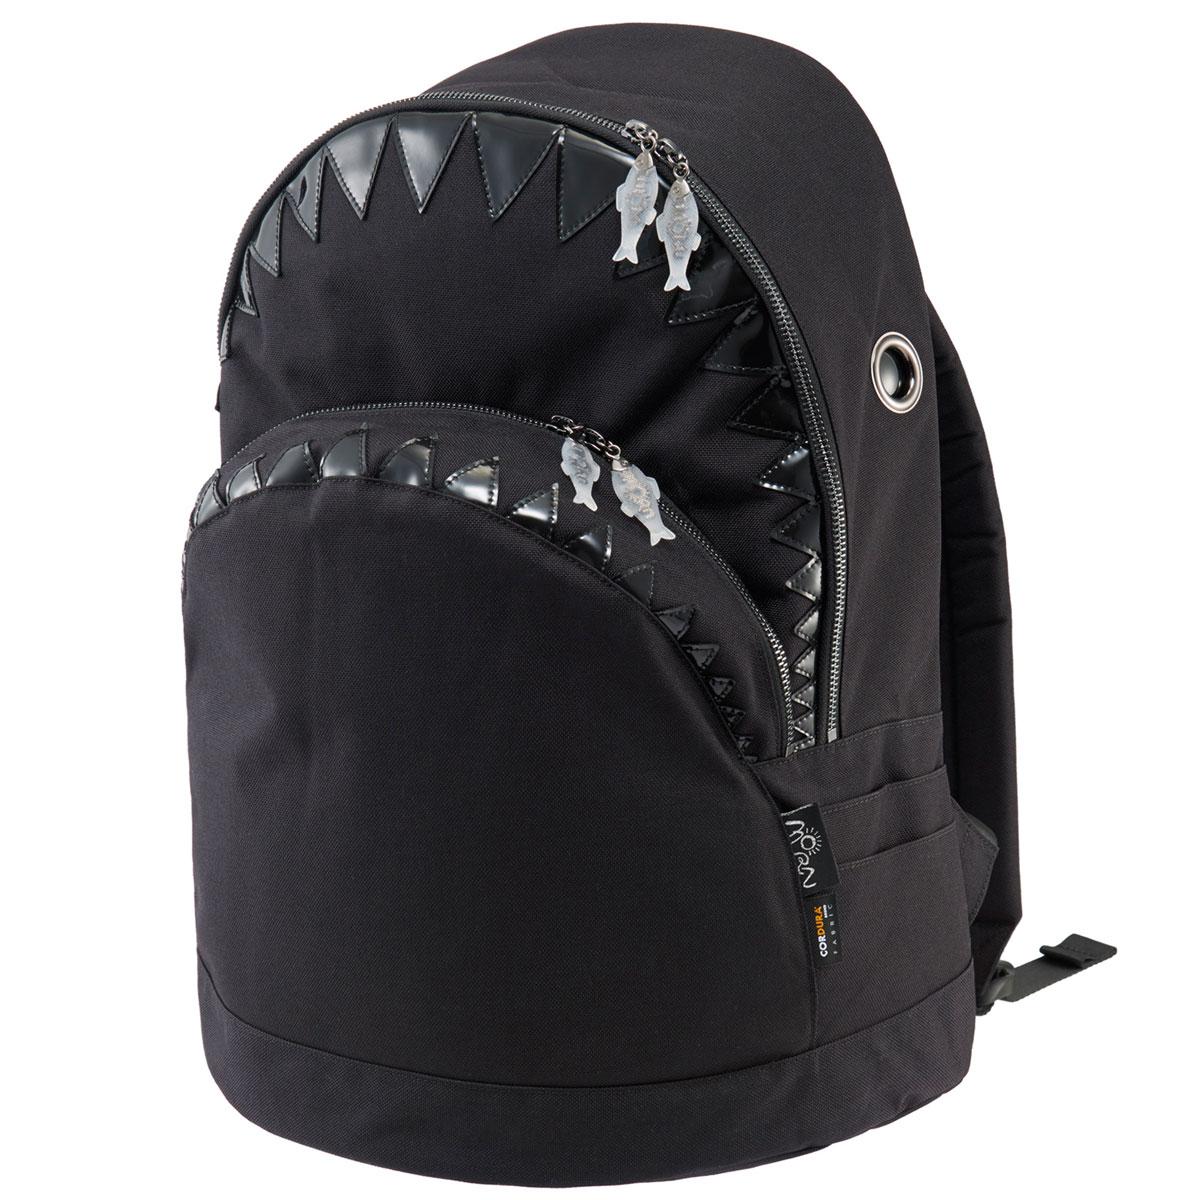 【先着順プレゼントあり】リュック MORN CREATIONS シャーク バックパック LL 限定生産 モーンクリエイションズ サメ LLサイズ ブラック